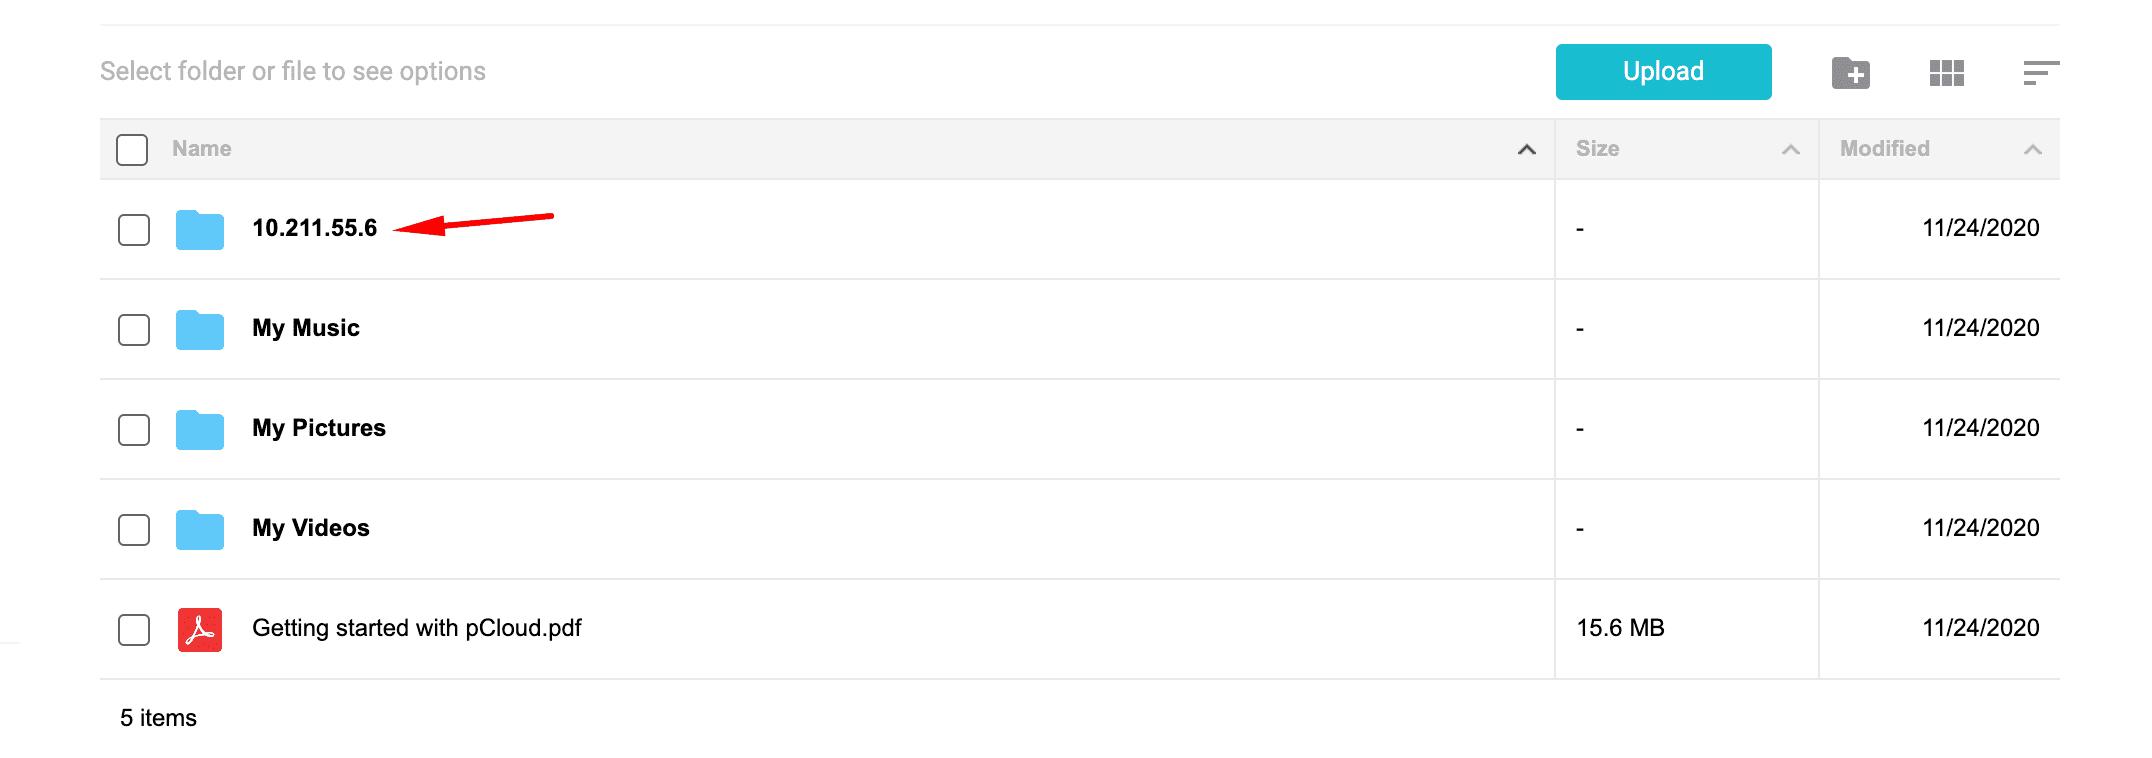 pcloud file manager - cấu hình backup VPS lên pCloud với Rclone